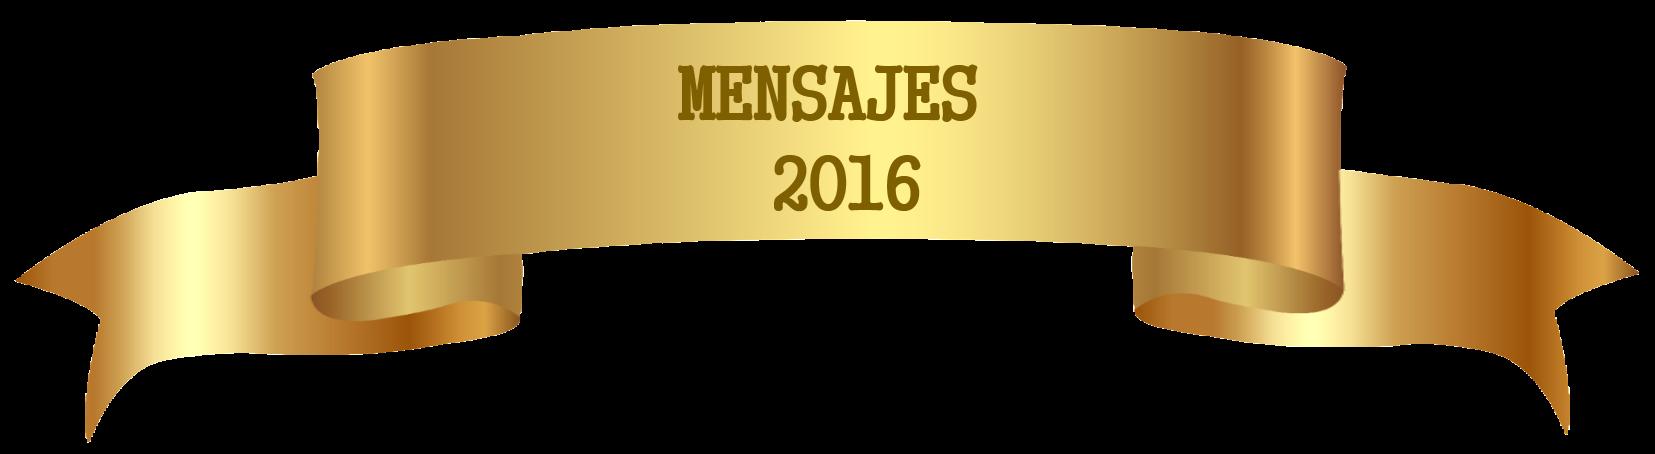 http://www.mensajesdelbuenpastorenoc.org/logomensajes2016.png